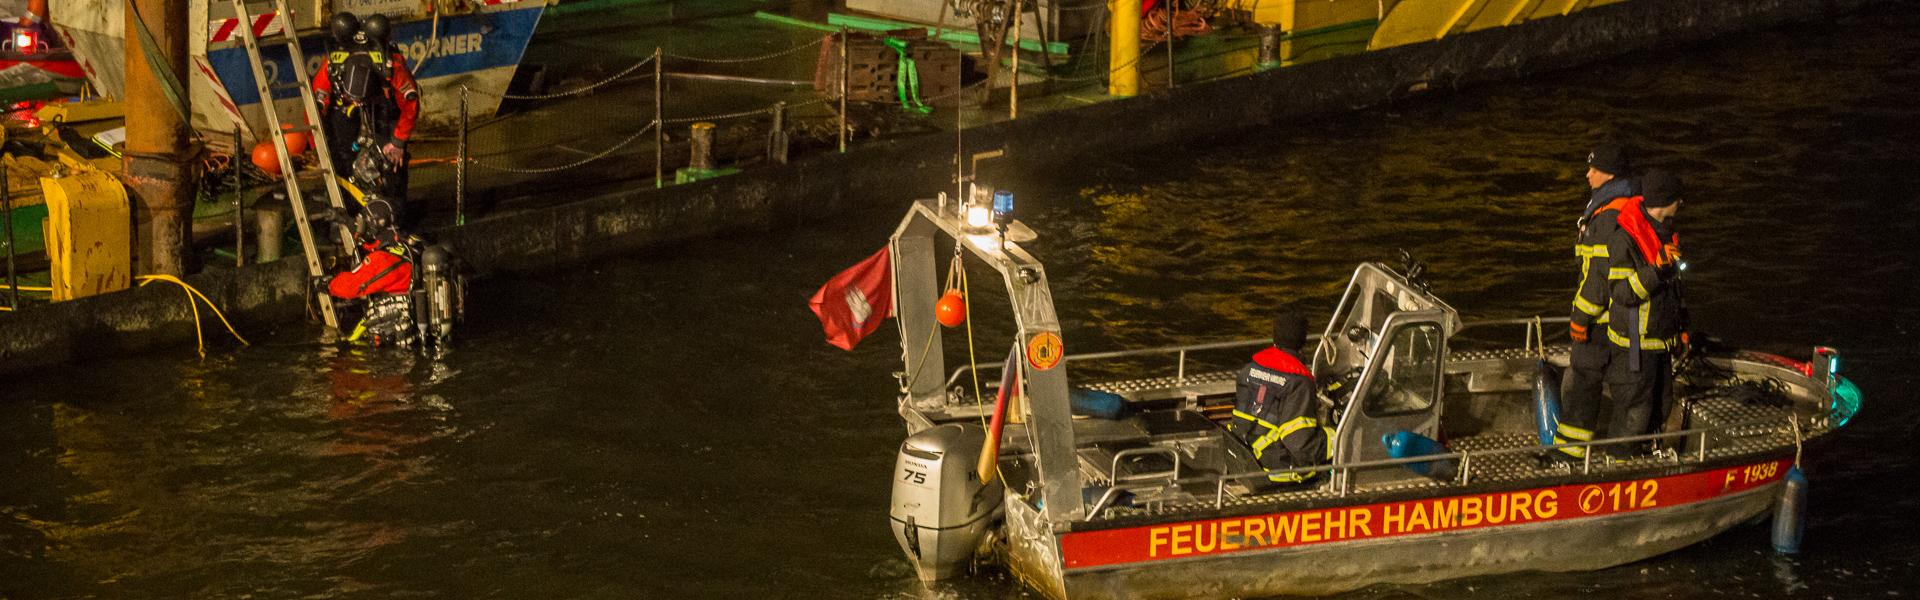 08.12.2018 – Feuerwehr sucht Mann in der Alster